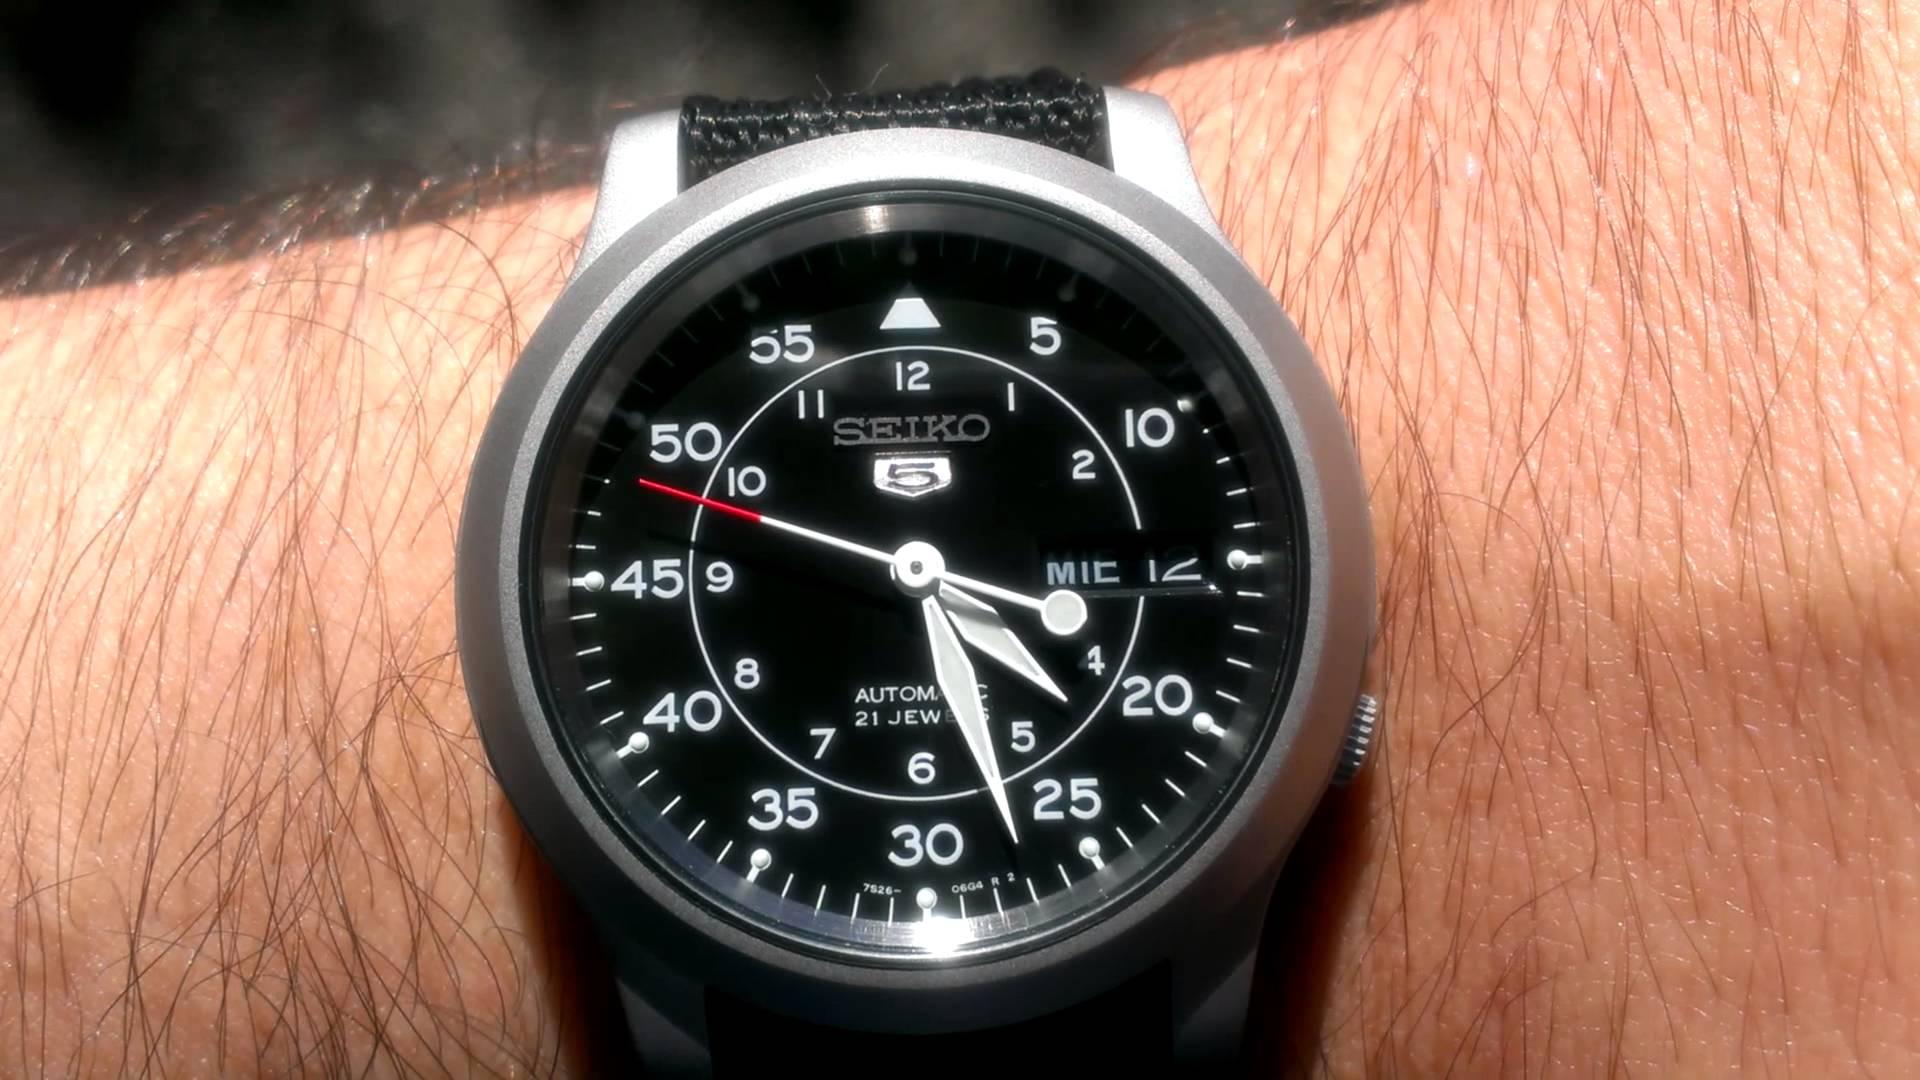 Đồng hồ SNK809 Mặt sáng bóng, chống va đập cực tốt với công nghệ độc quyền của Seiko